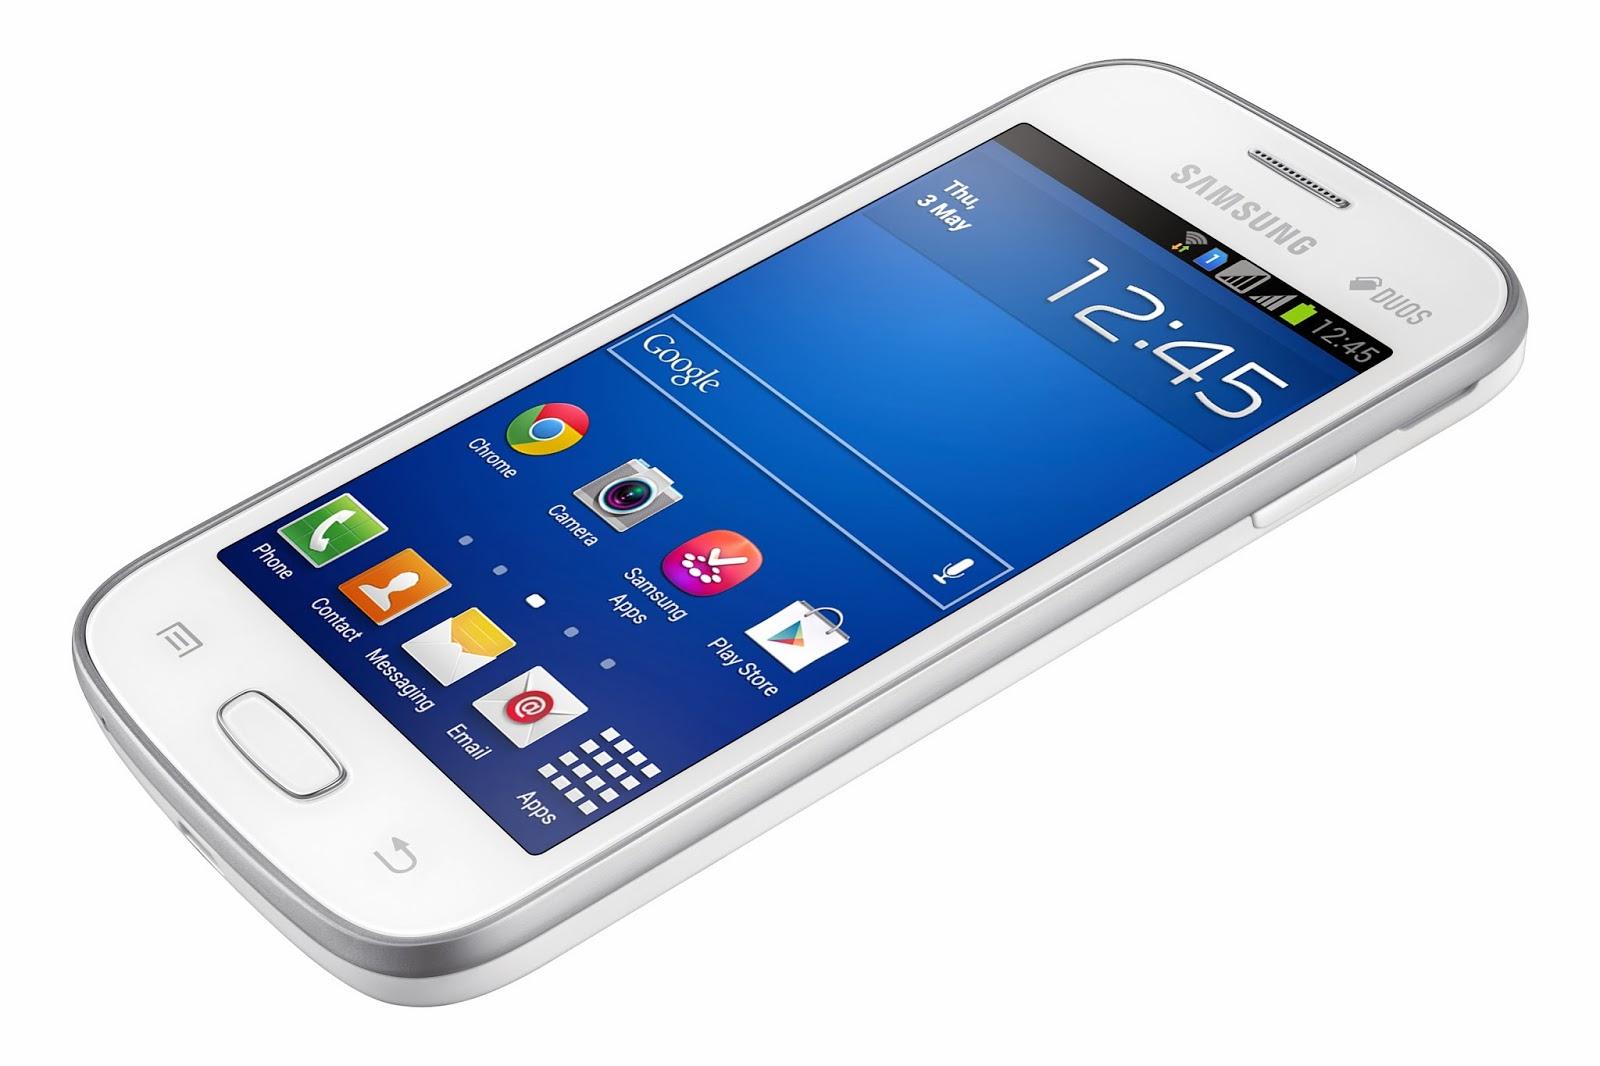 Harga Samsung Galaxy Star Plus dan Spesifikasi Lengkap  Informasi